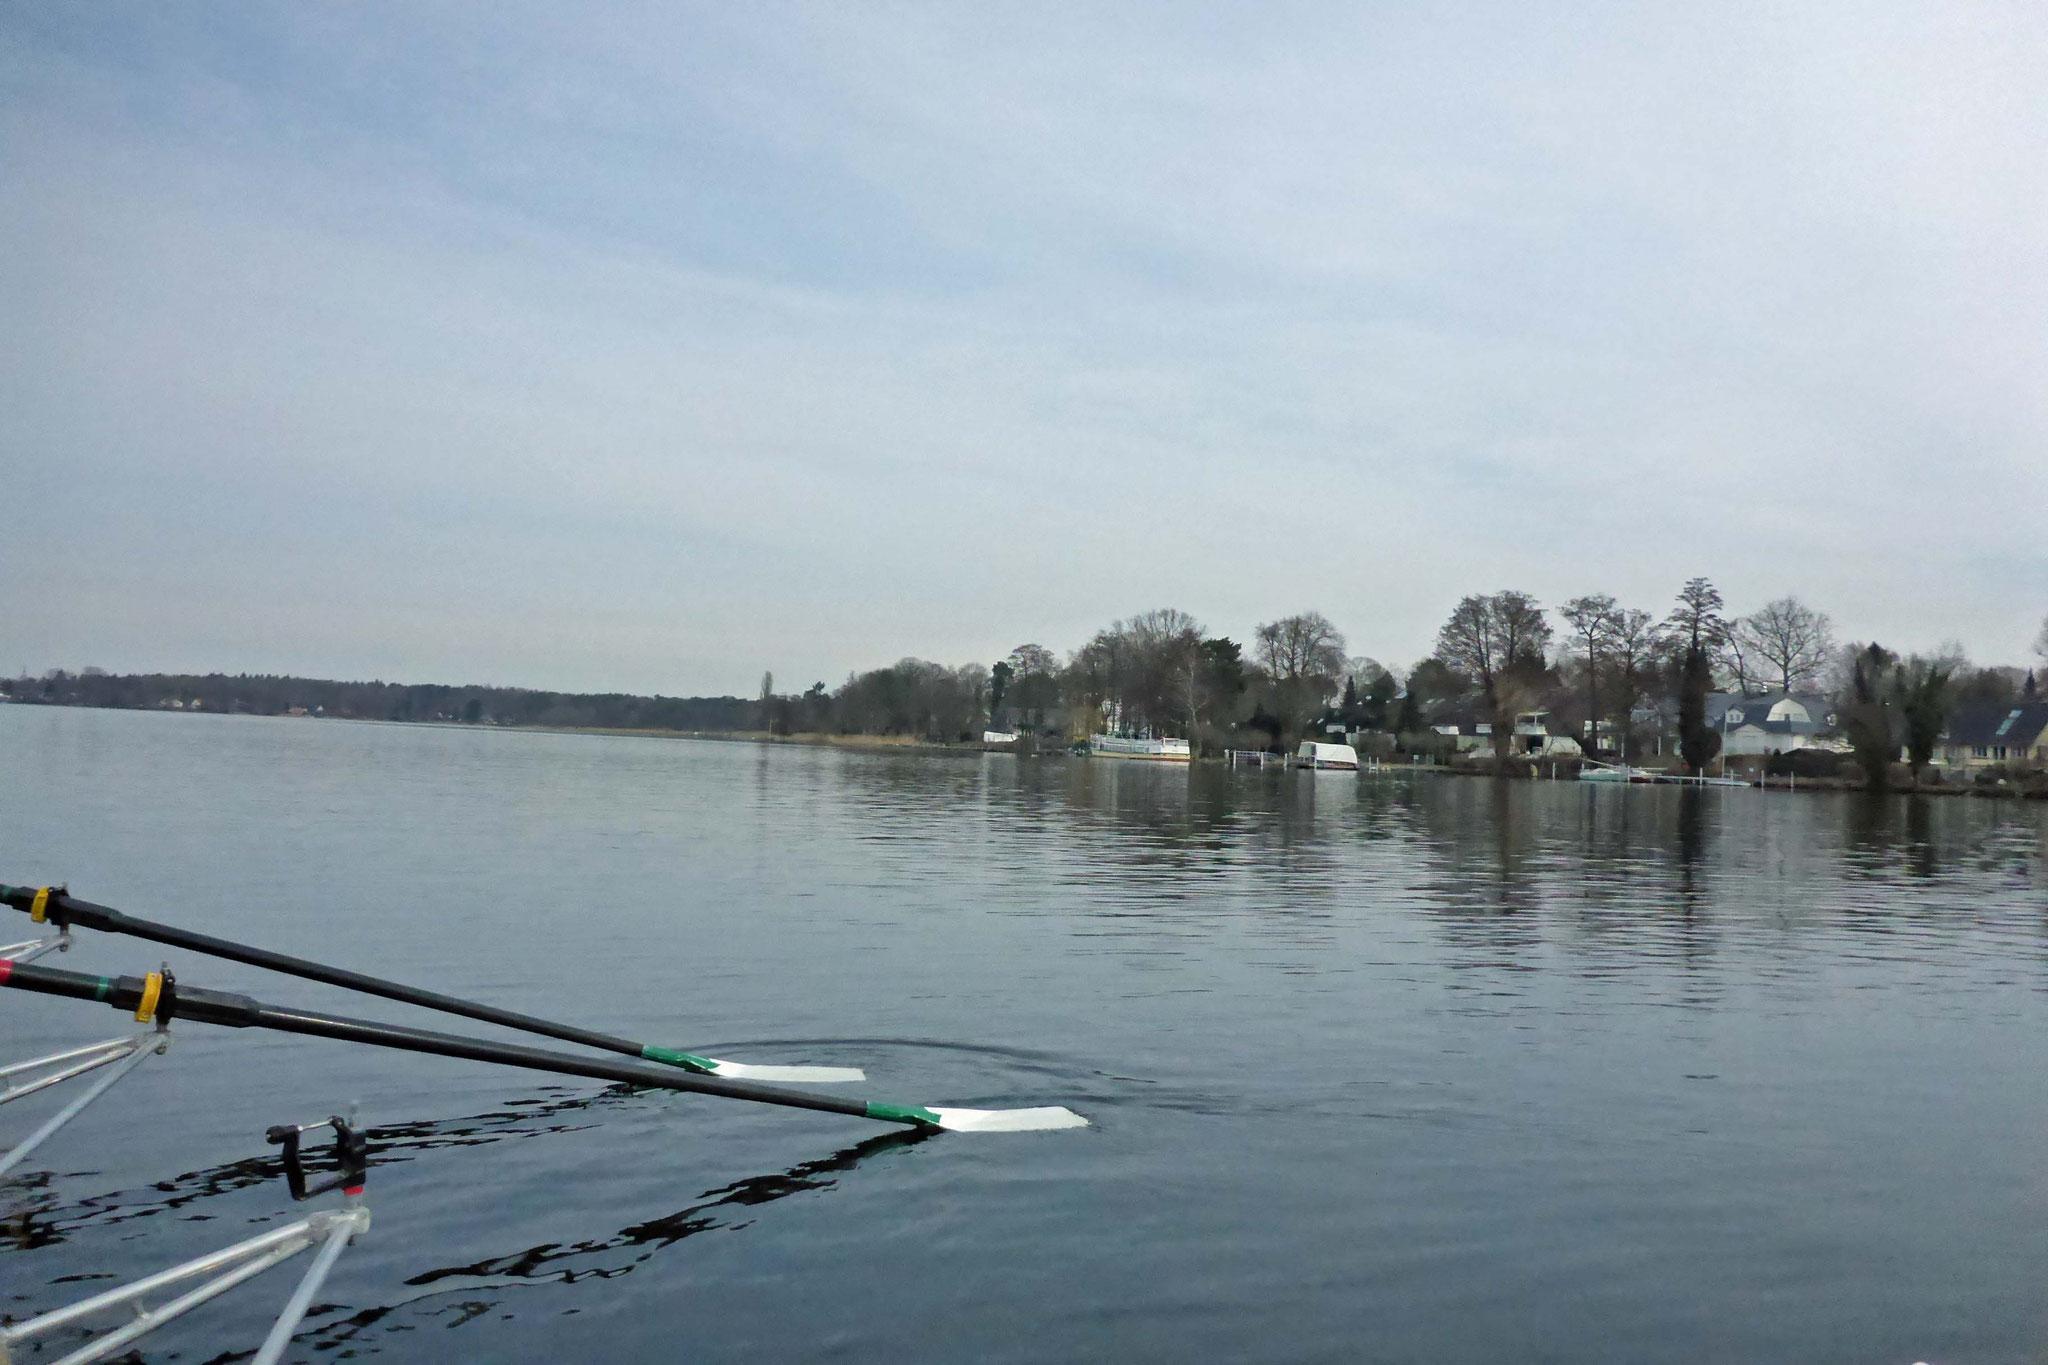 Auf dem Wasser ist alles ruhig.